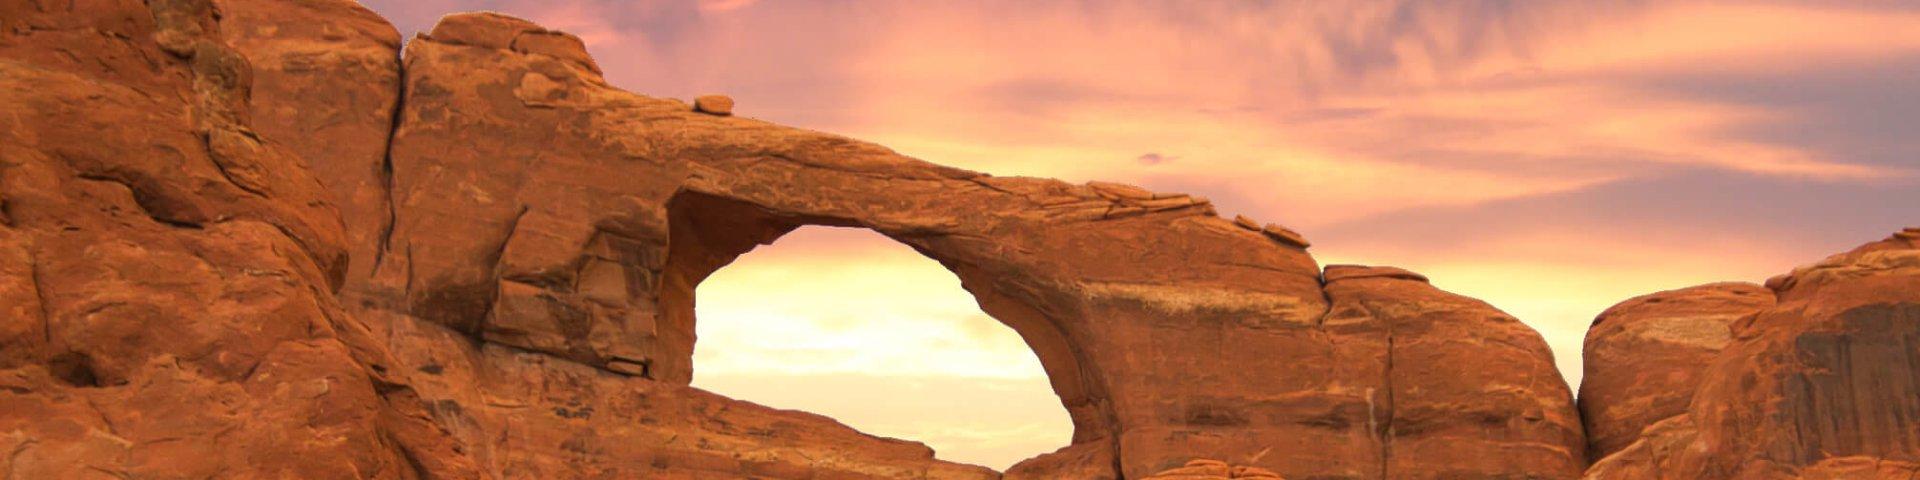 Curious Craig - Skyline Arch